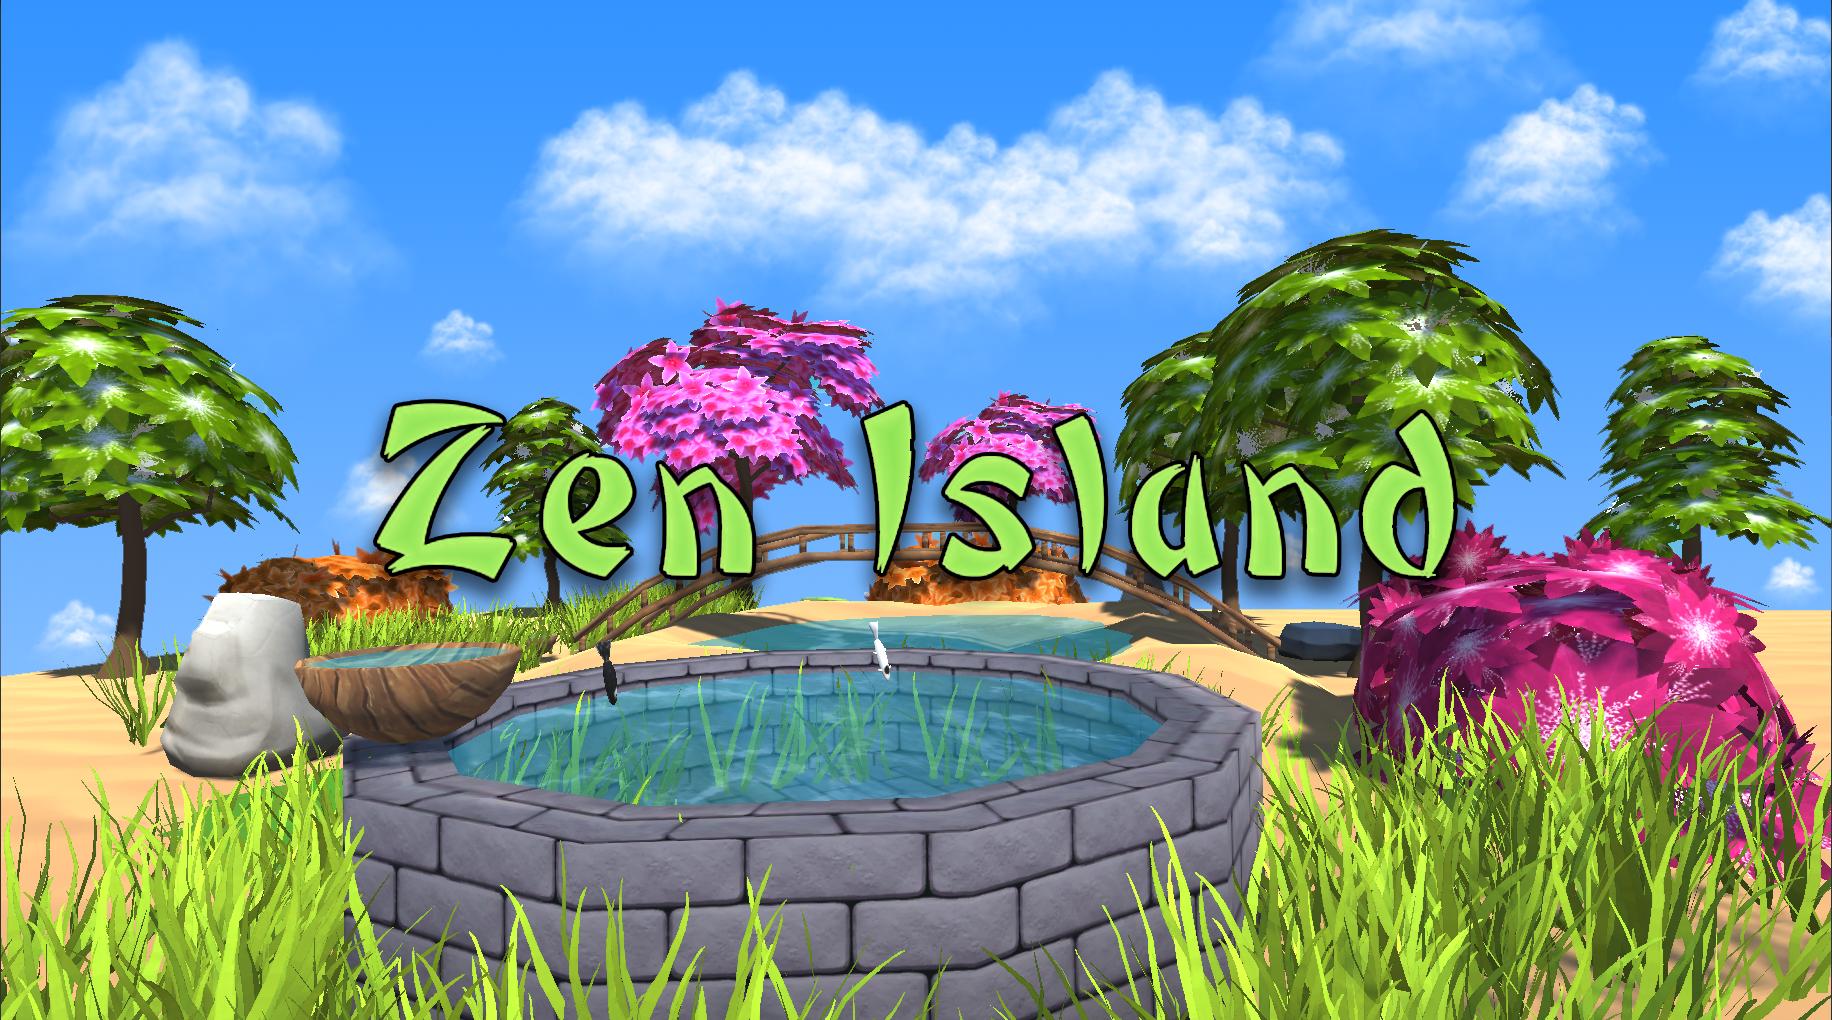 Zen Island